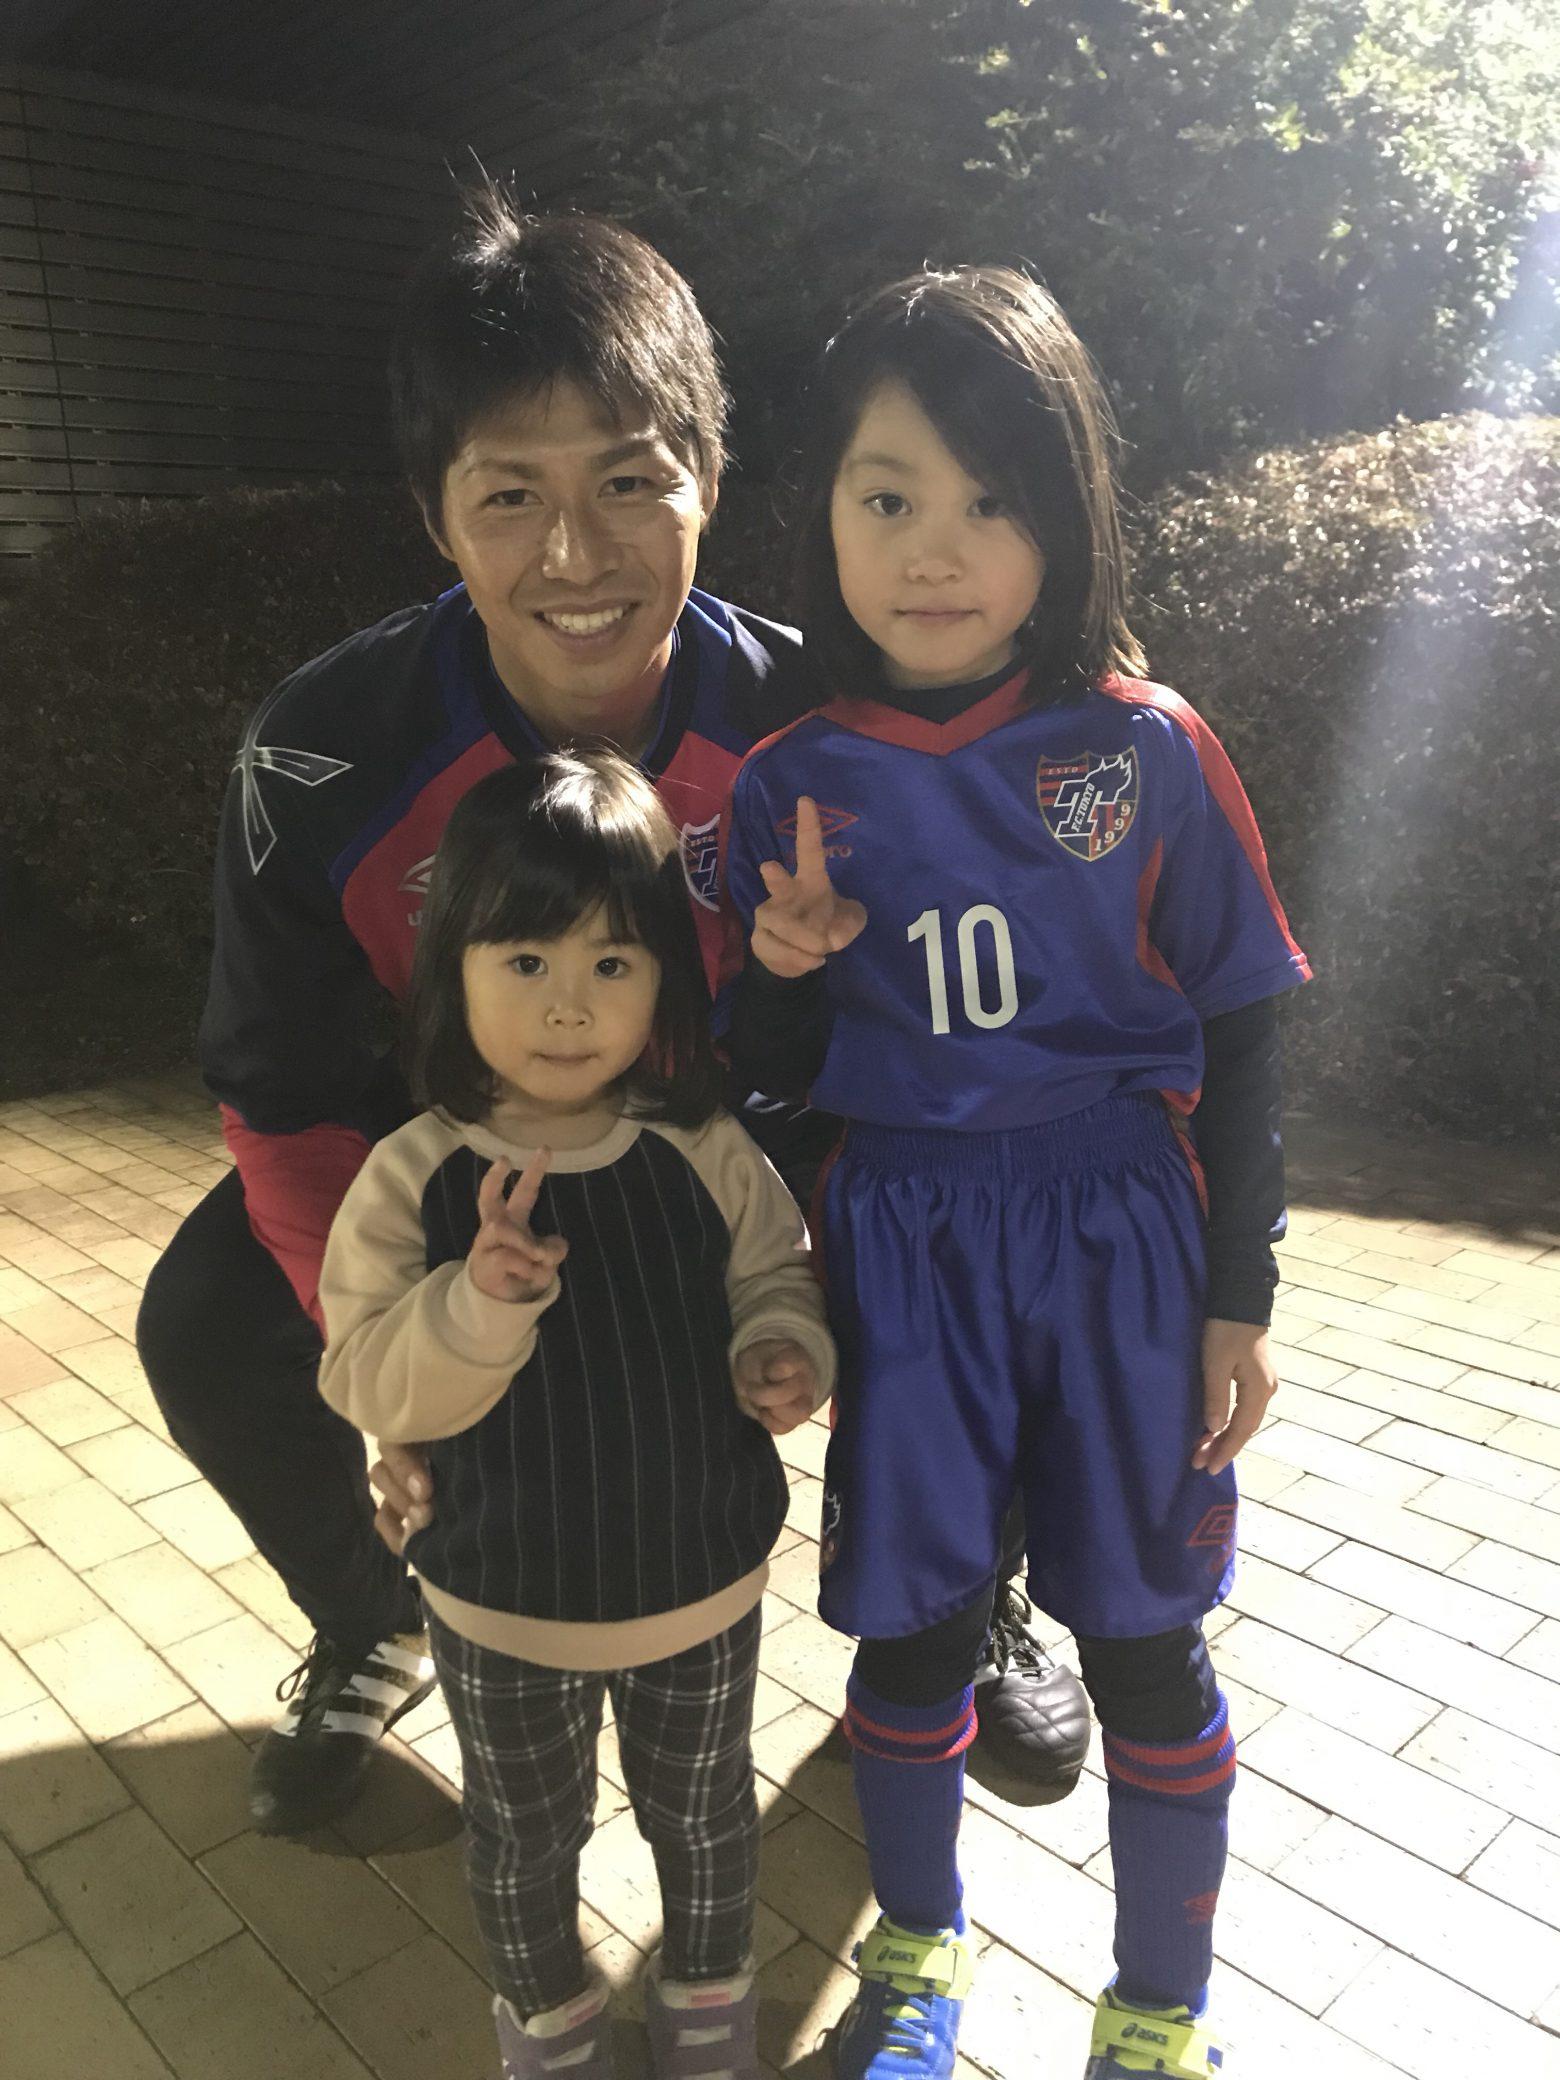 サッカー人での家族日記。FC東京サッカースクールに選手到来!今は良い環境だなぁと^ ^